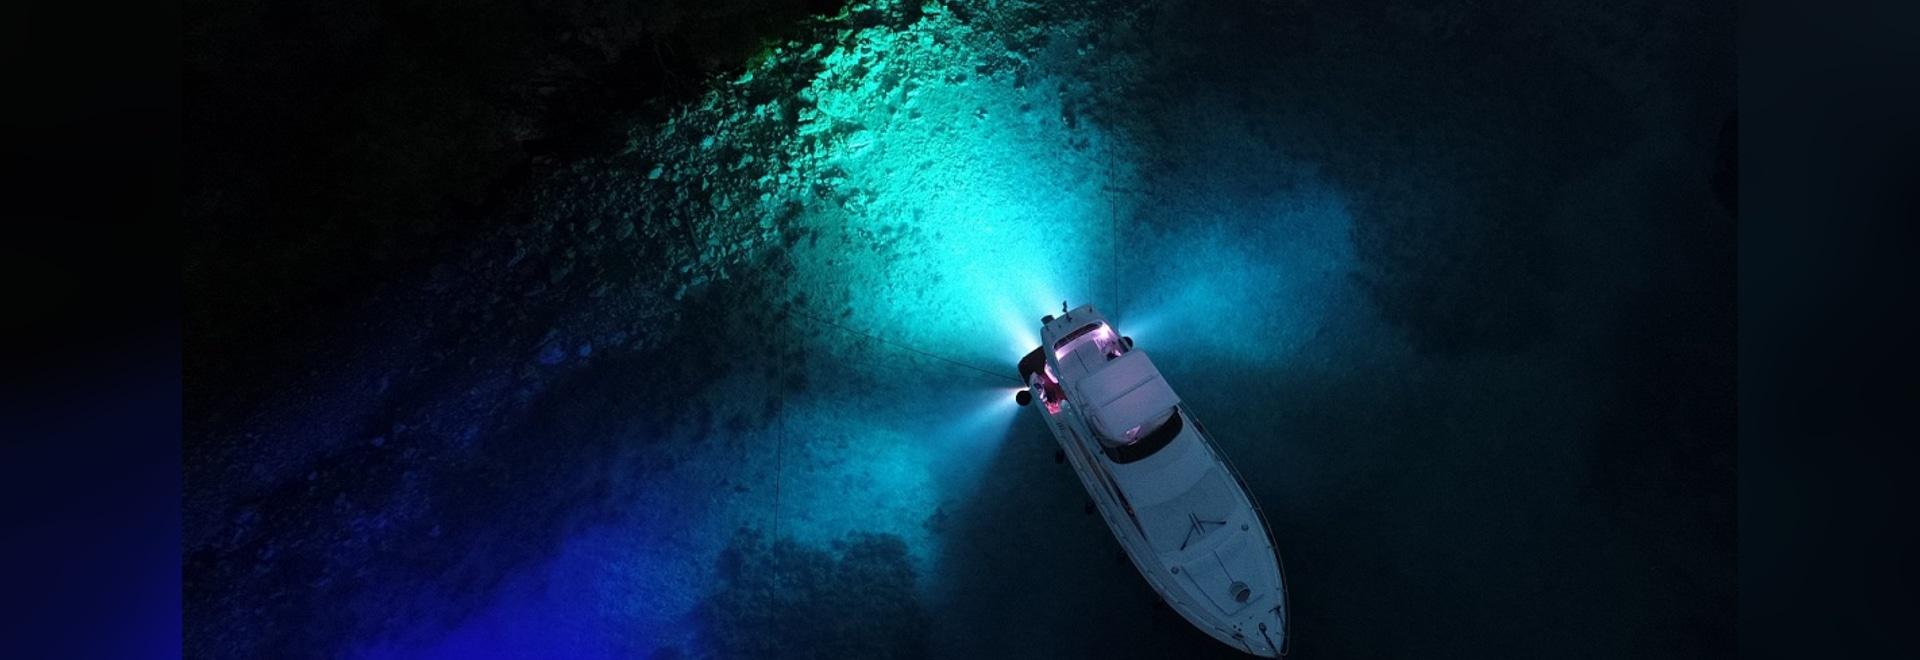 Non, ce n'est pas la lune qui brille, mais notre ÉQUATEUR sous-marin de lumières qui créent la lumière la plus lumineuse sous la mer.